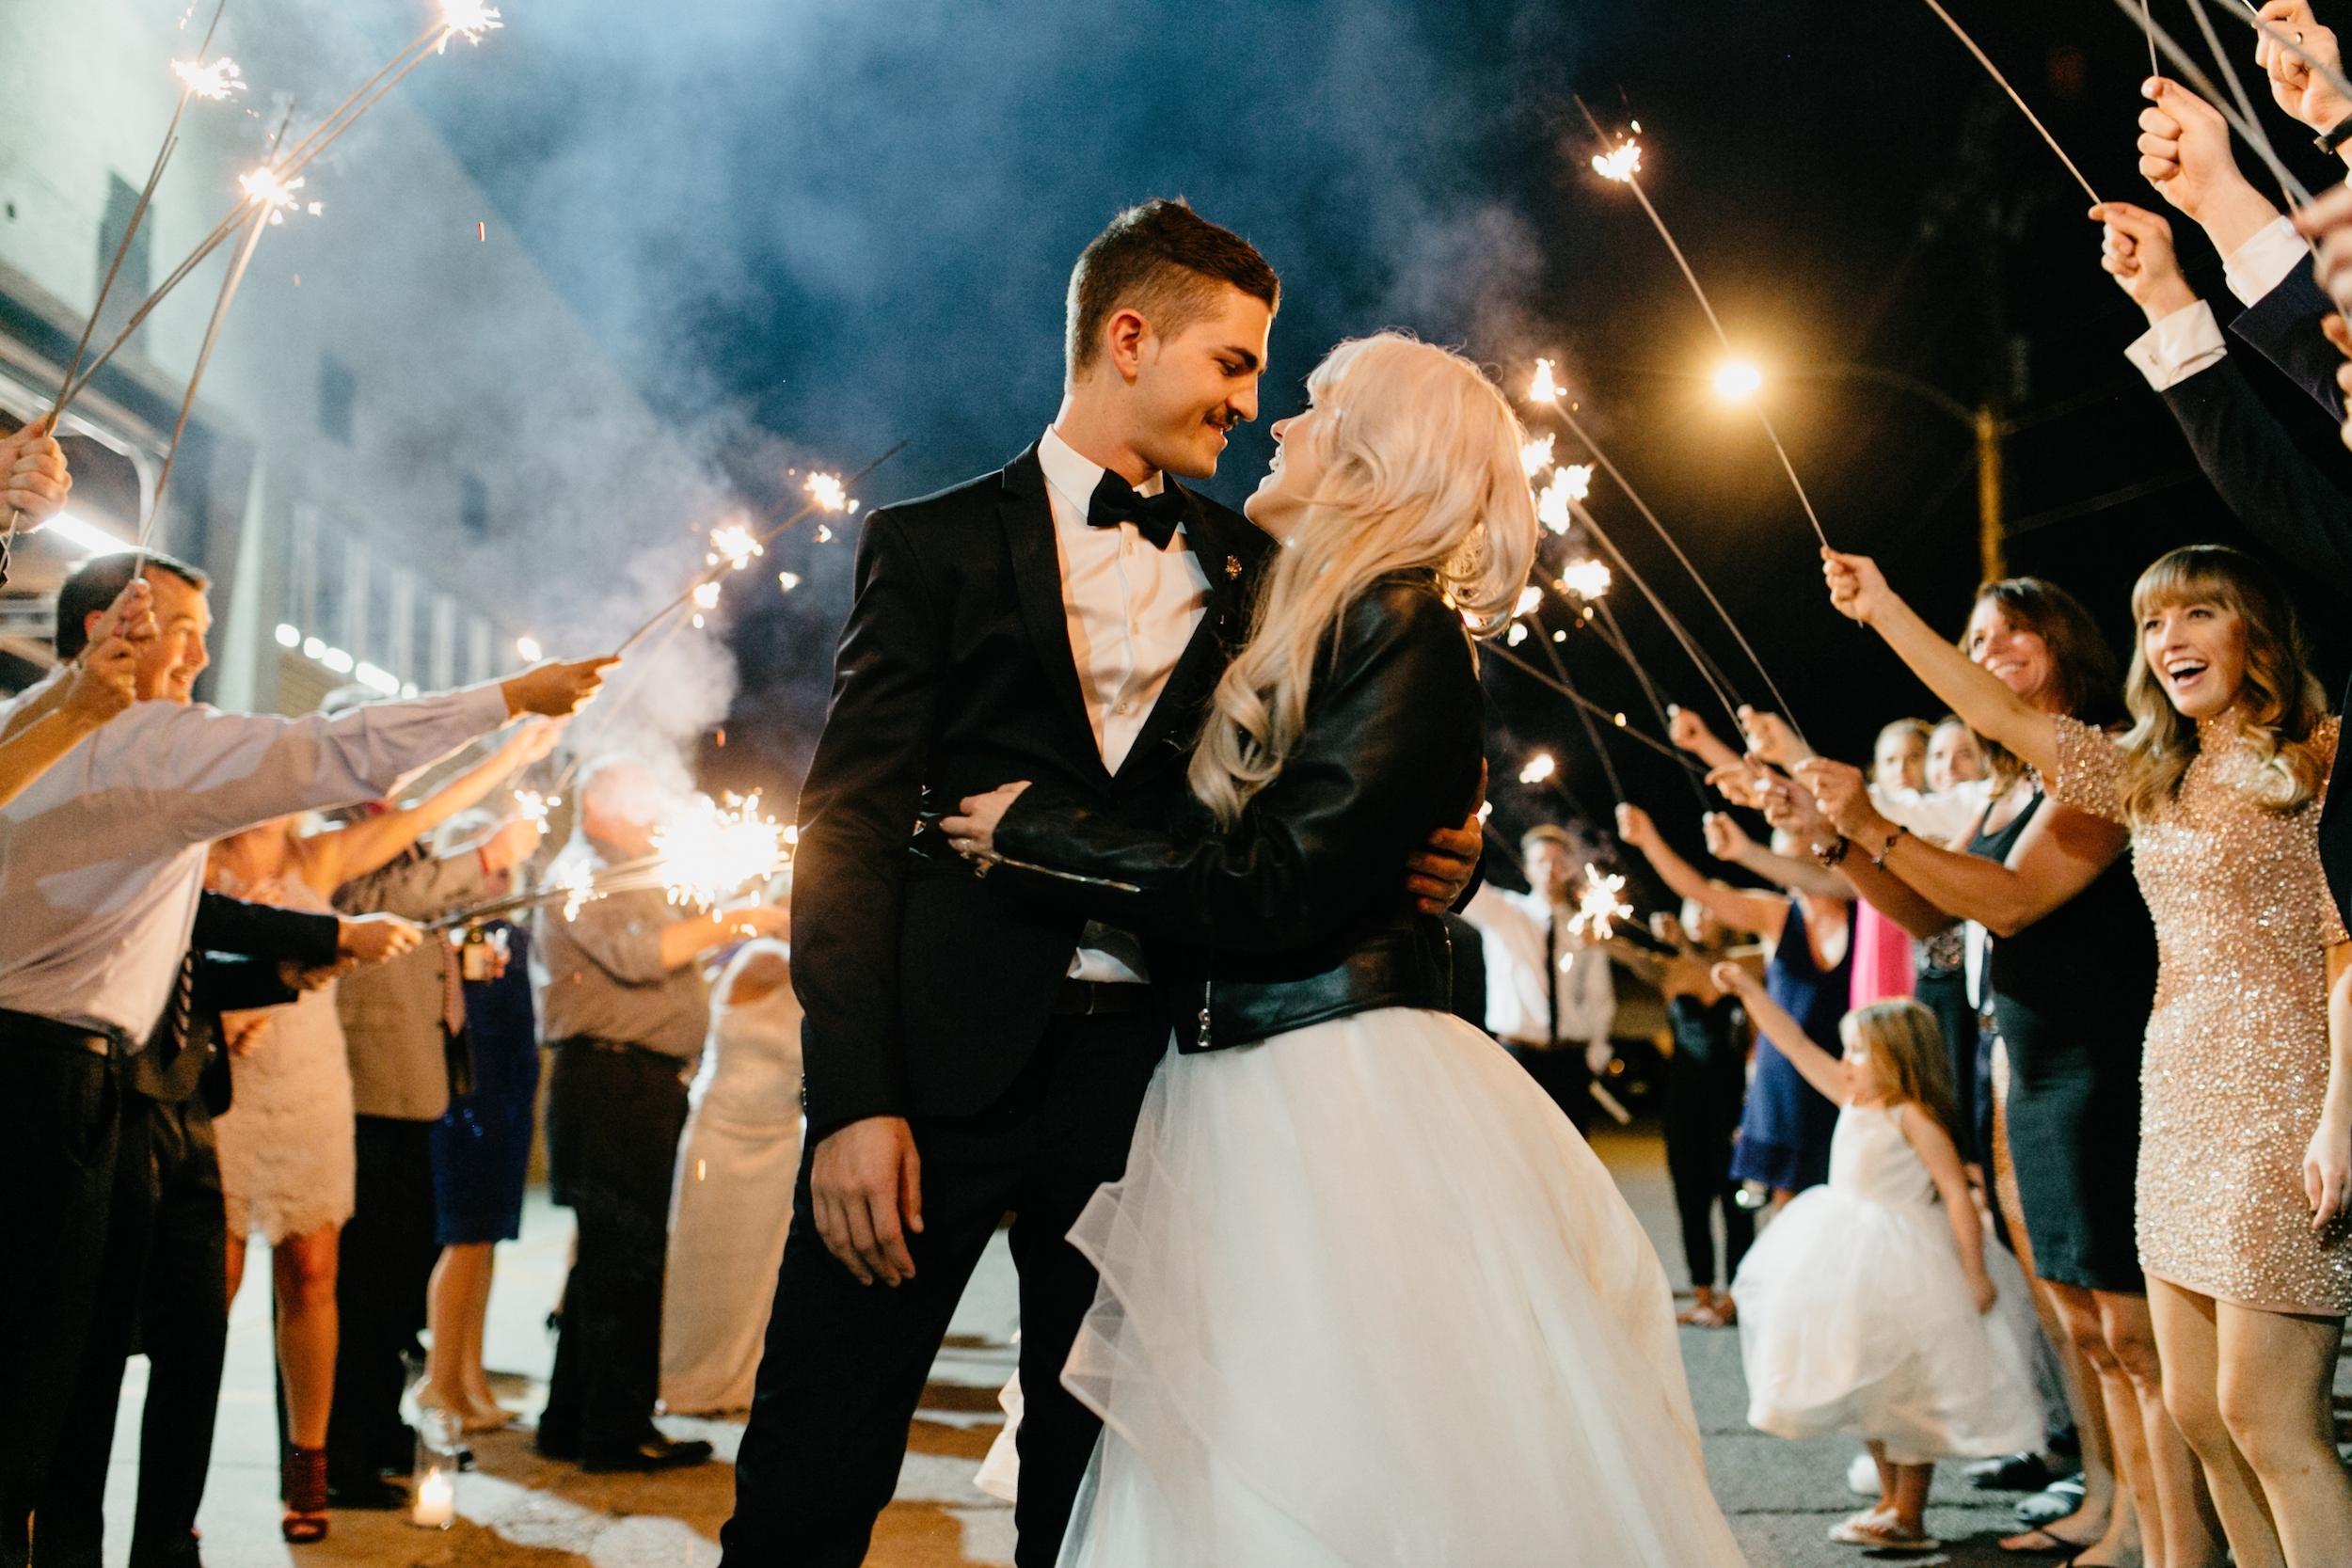 arizona - wedding - photography 01883.jpg